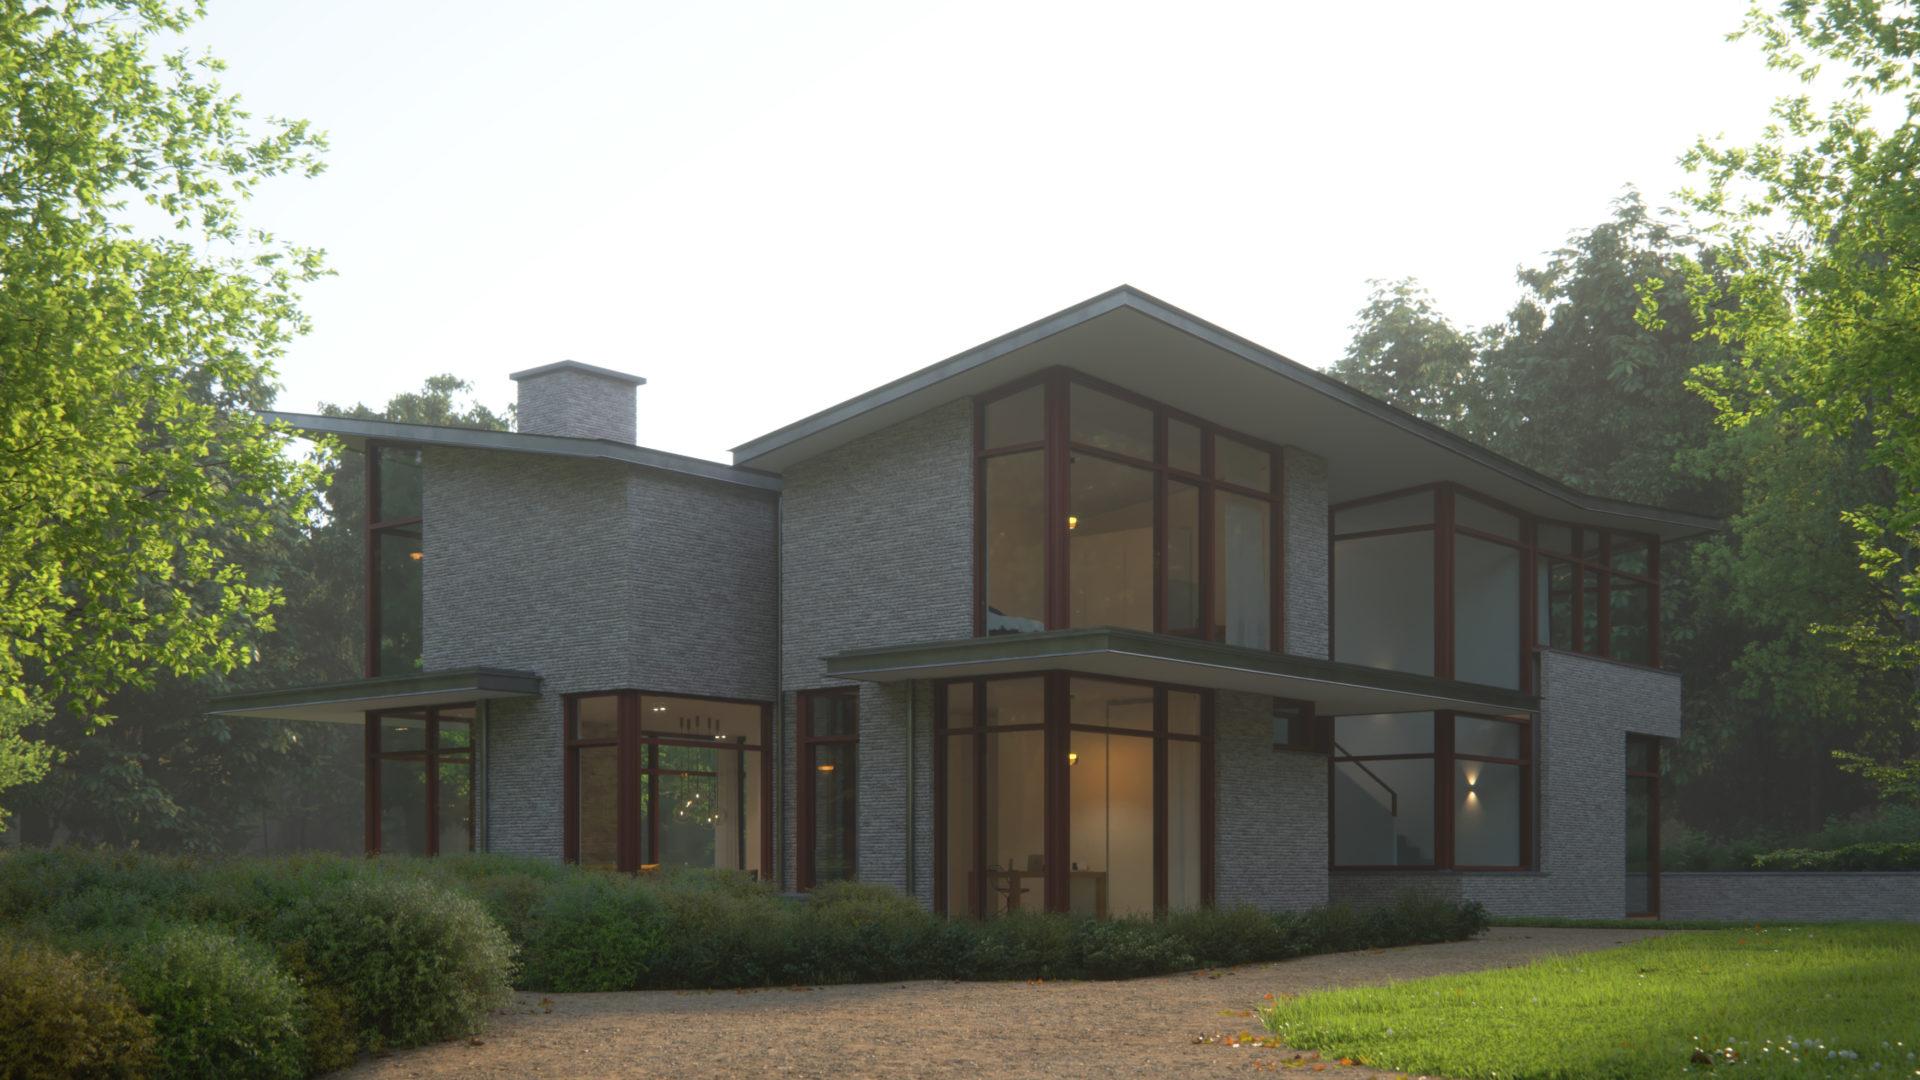 impressie van de voorgevel van de moderne villa in de bossen in nijmegen